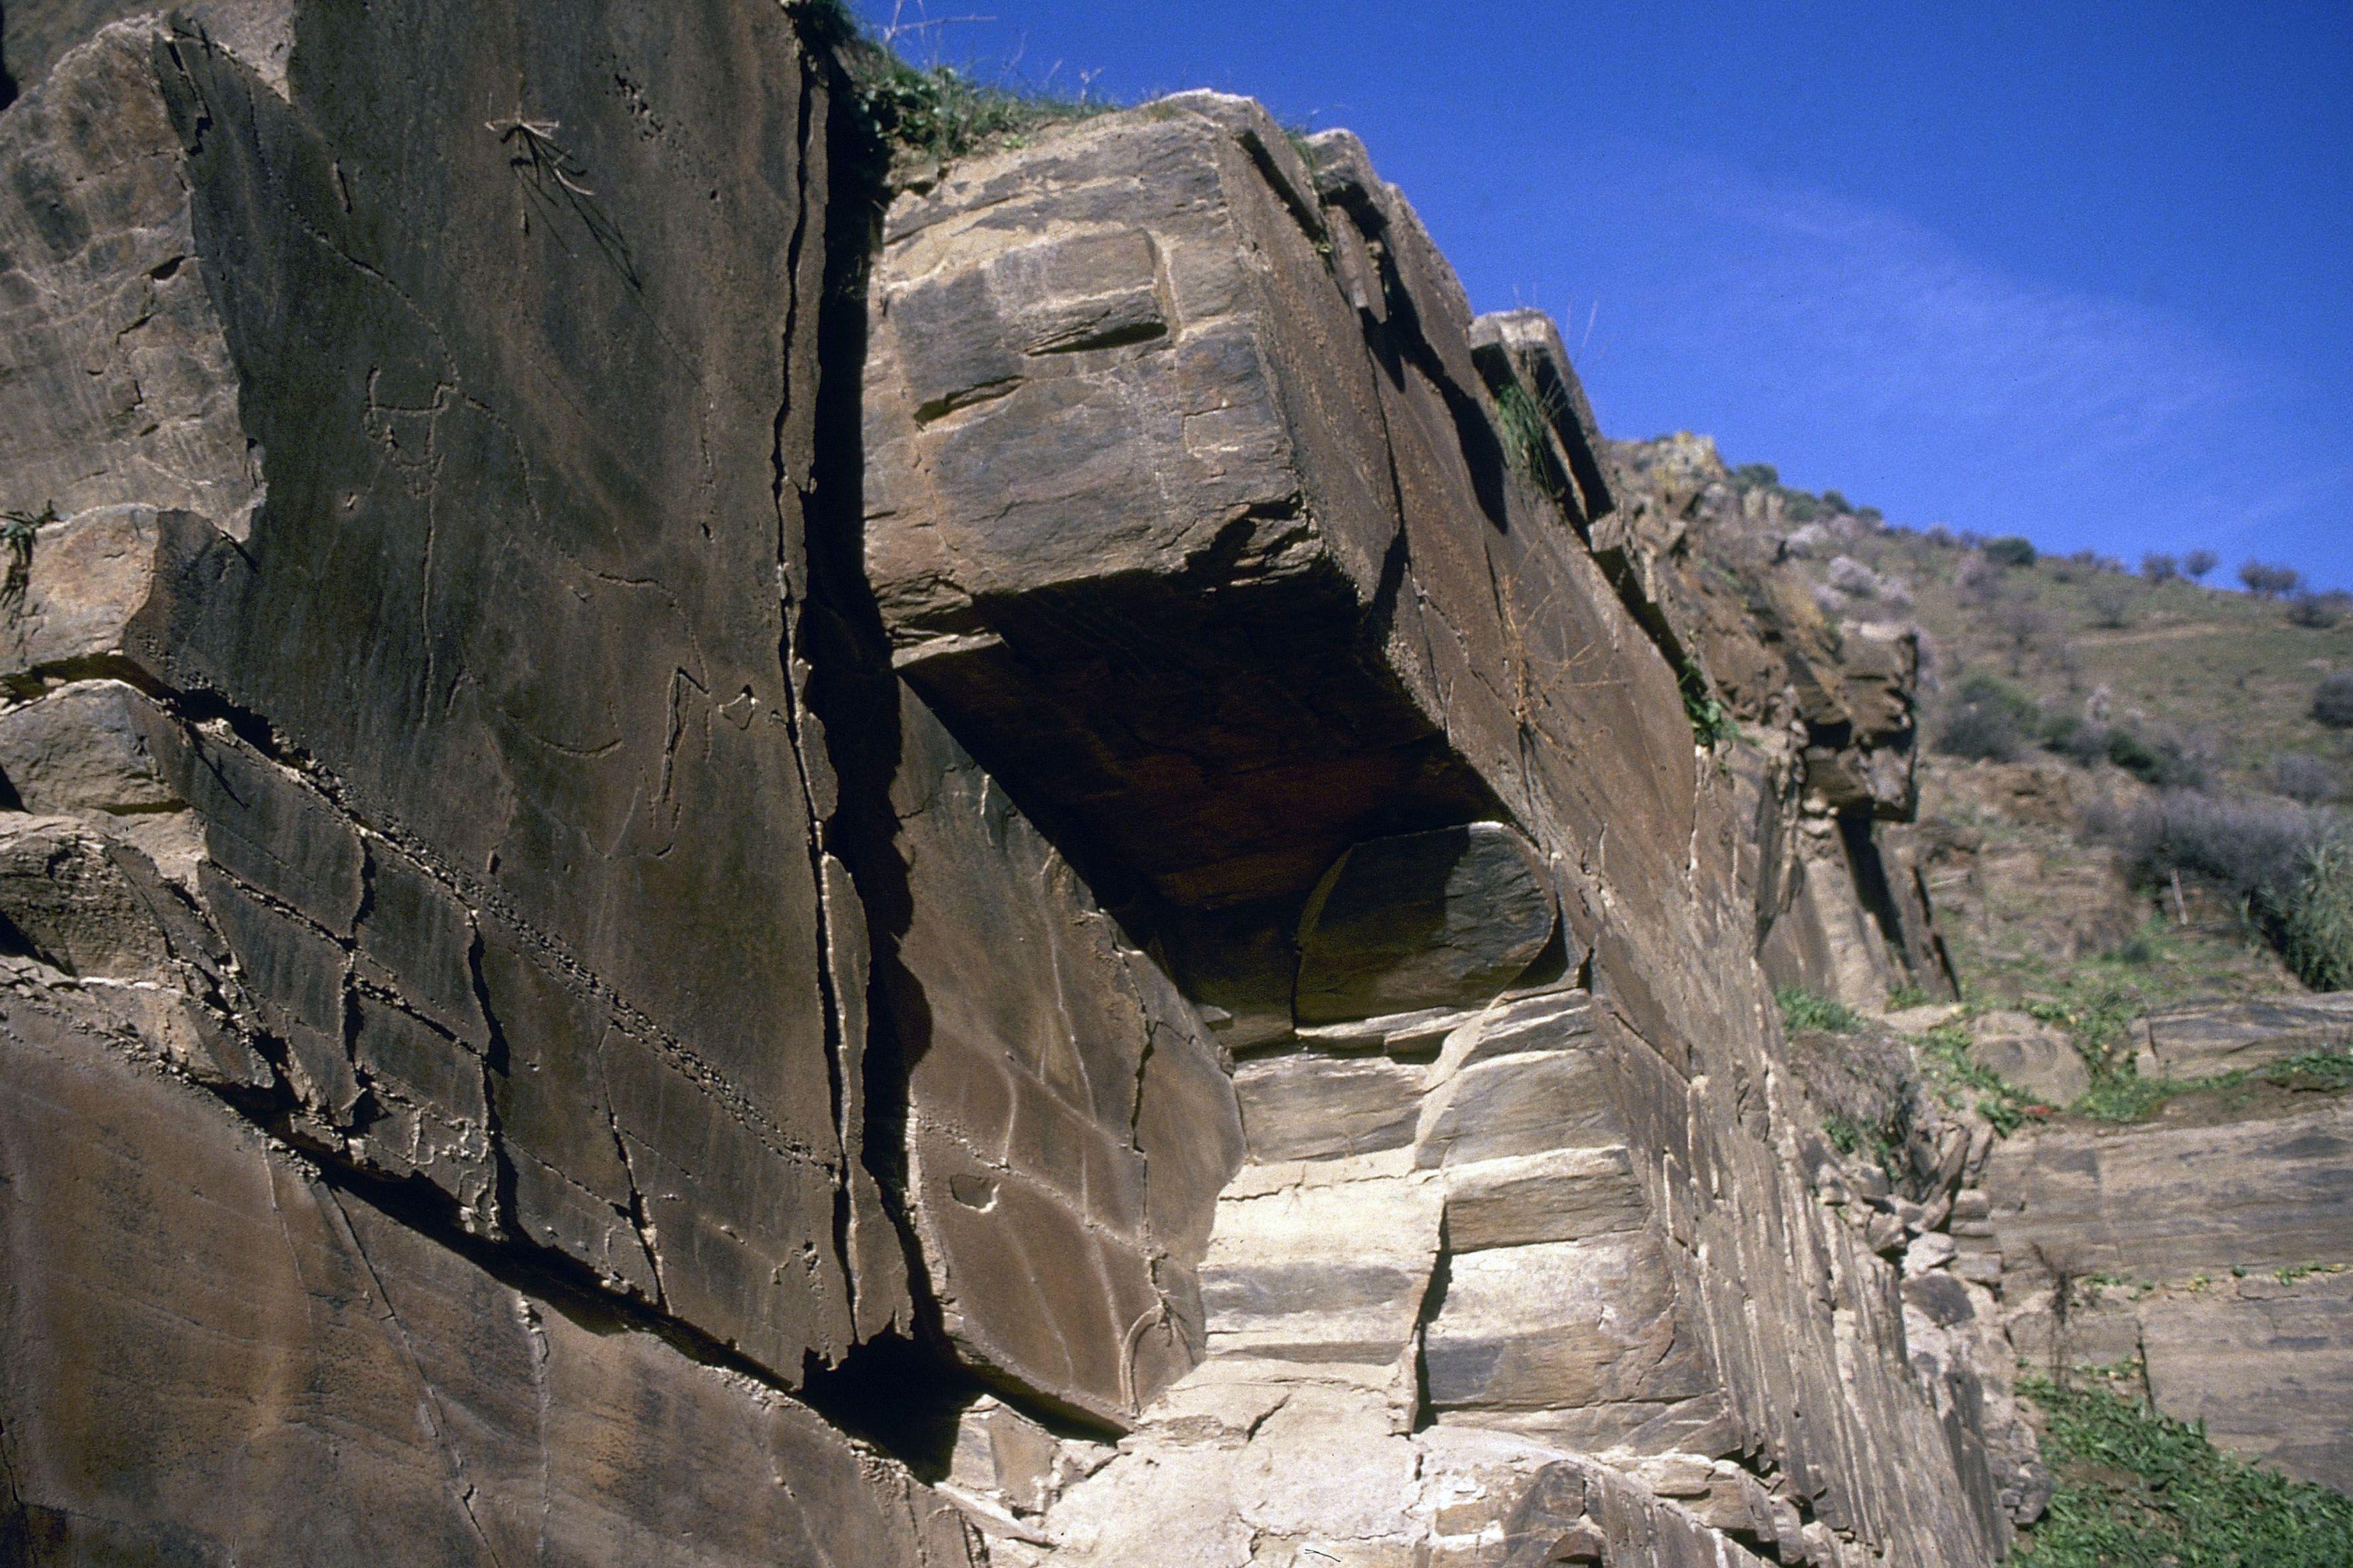 Arqueólogos encontram vestígios do Homem de Neandertal no vale do Côa